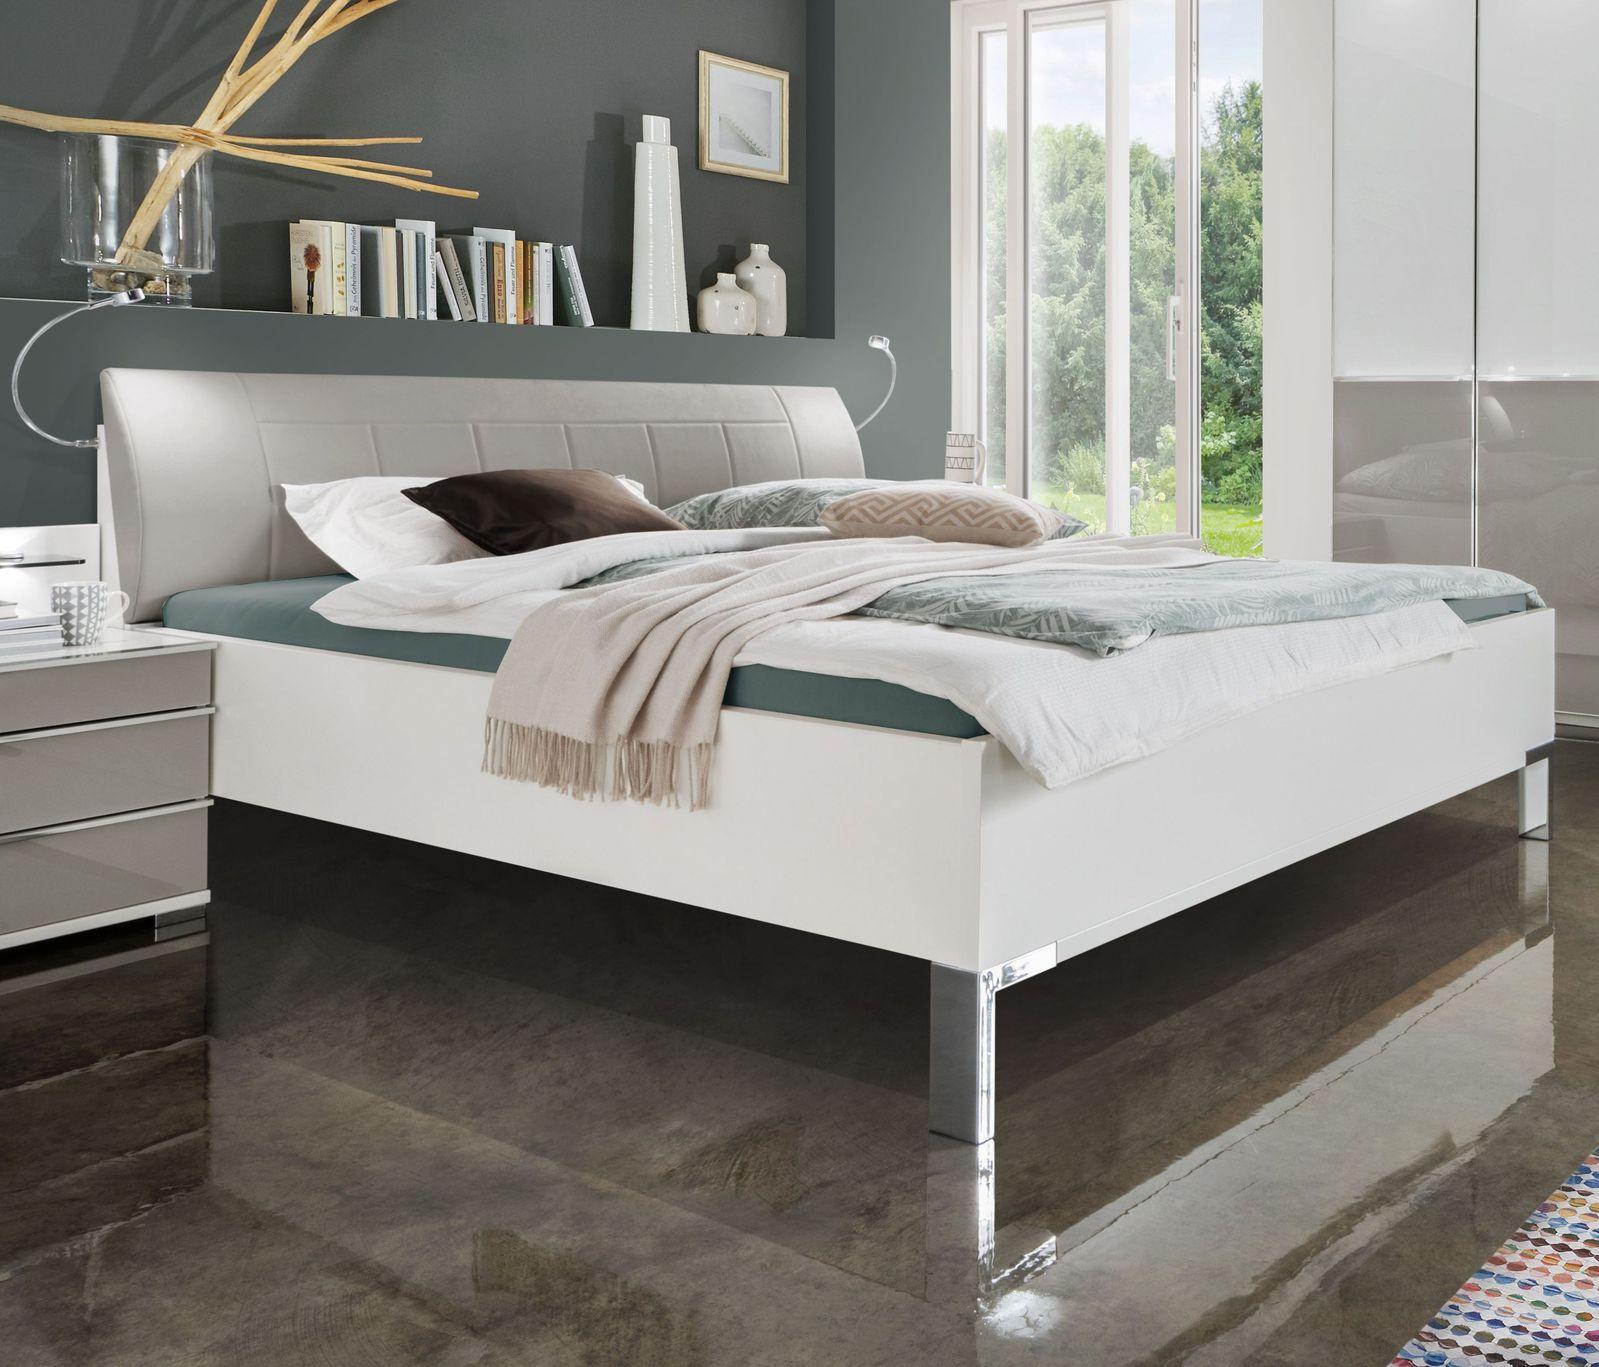 bett in wei mit kunstleder kopfteil und schubk sten shanvalley. Black Bedroom Furniture Sets. Home Design Ideas